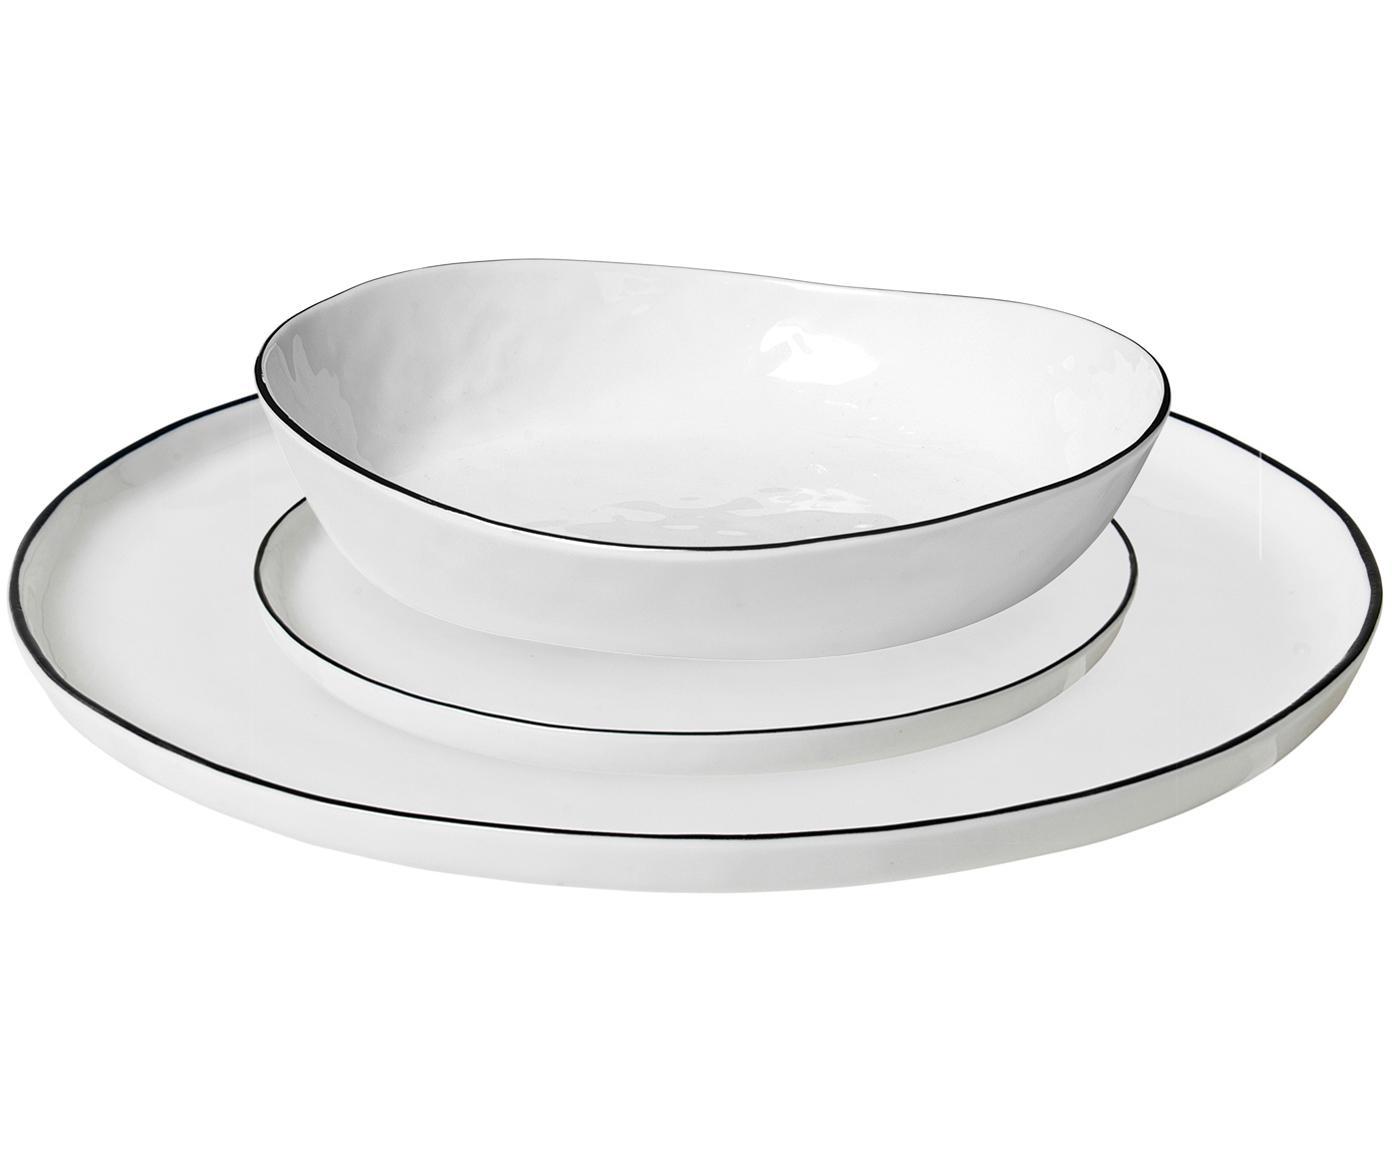 Handgemachtes Geschirr-Set Salt, 4 Personen (12-tlg.), Porzellan, Gebrochenes Weiss, Schwarz, Verschiedene Grössen